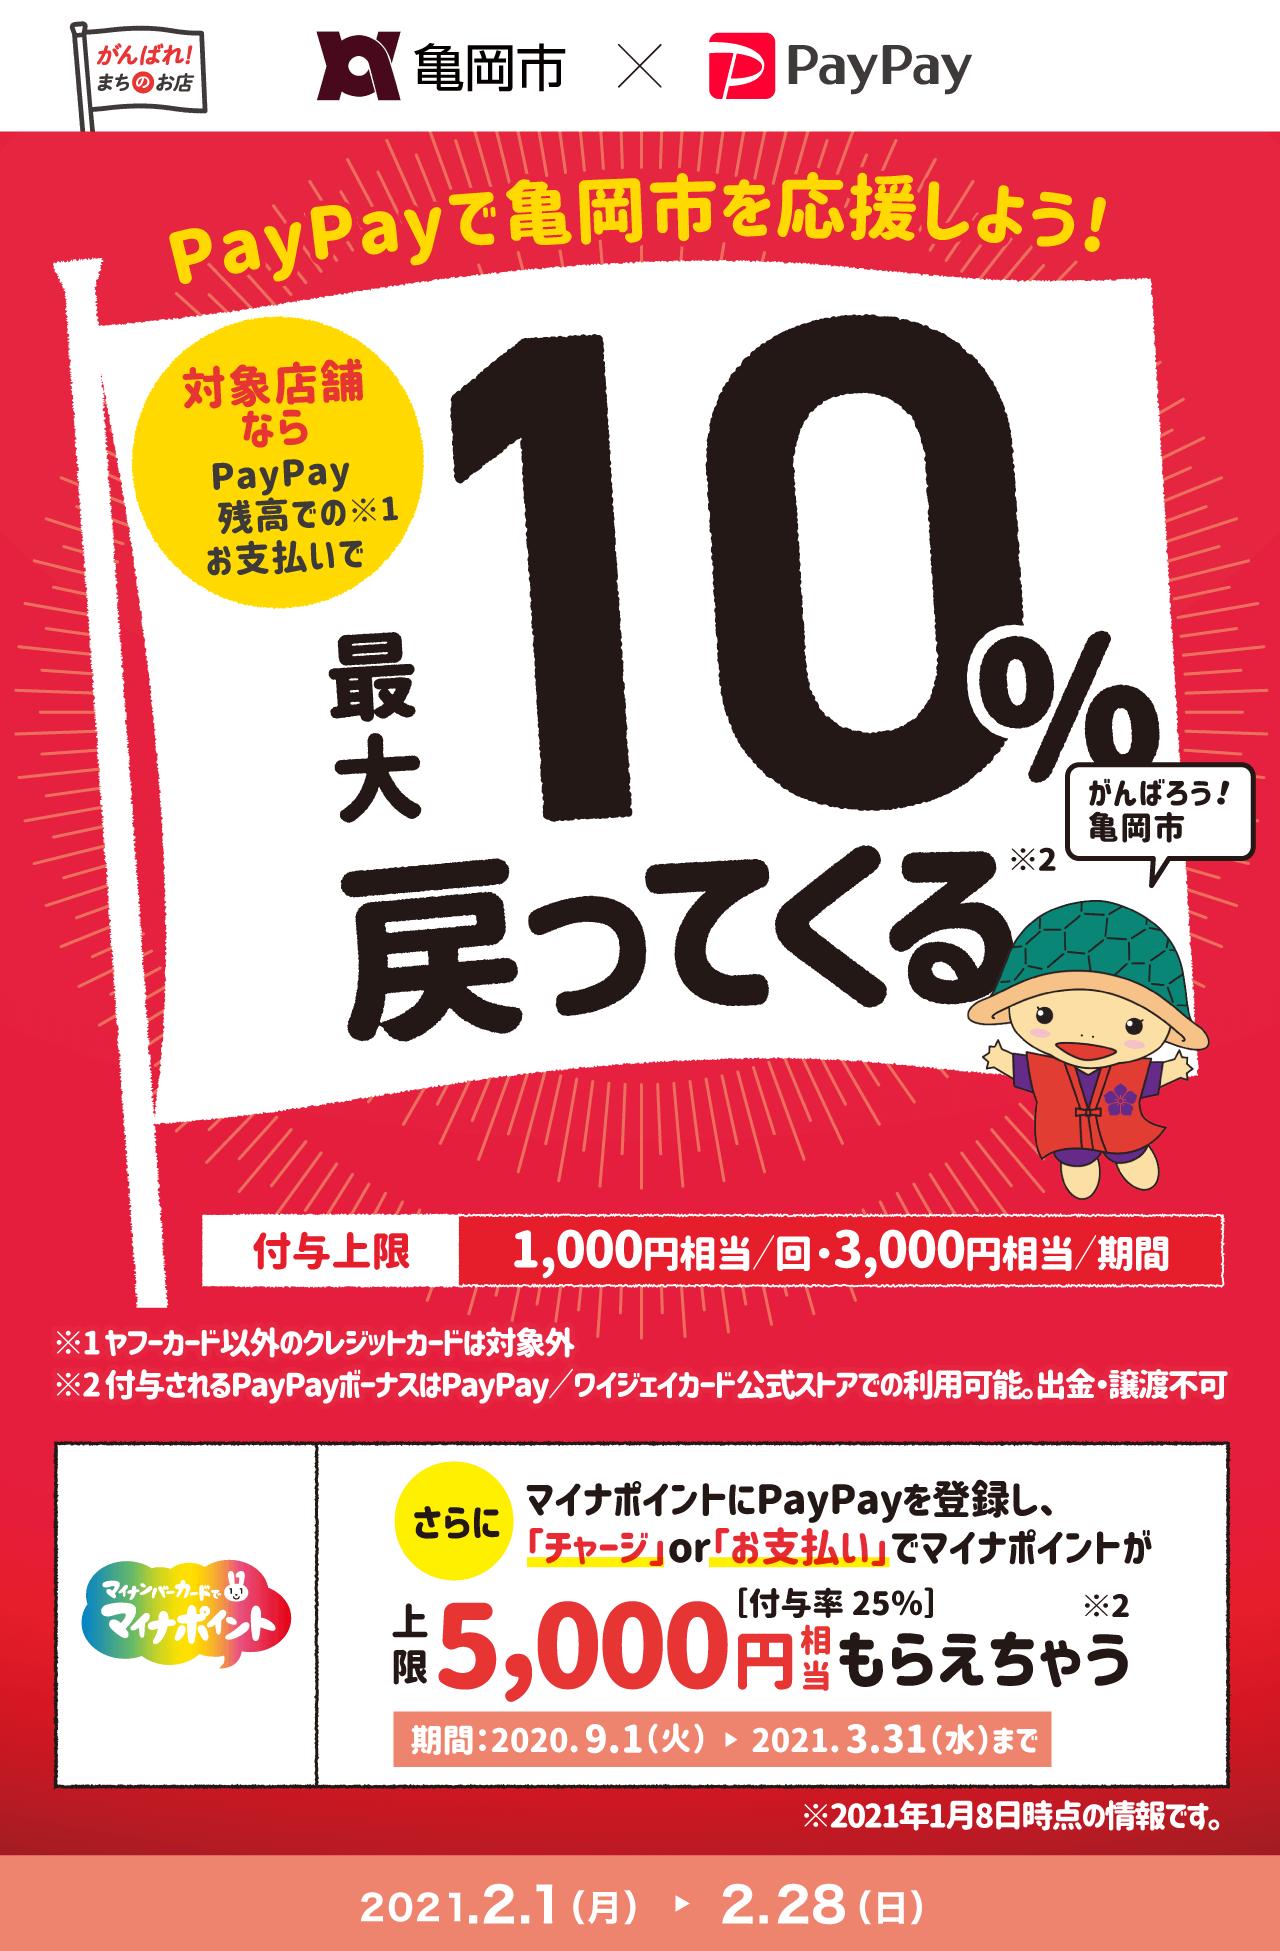 PayPayで亀岡市を応援しよう! 対象店舗ならPayPay残高でのお支払いで 最大10%戻ってくる